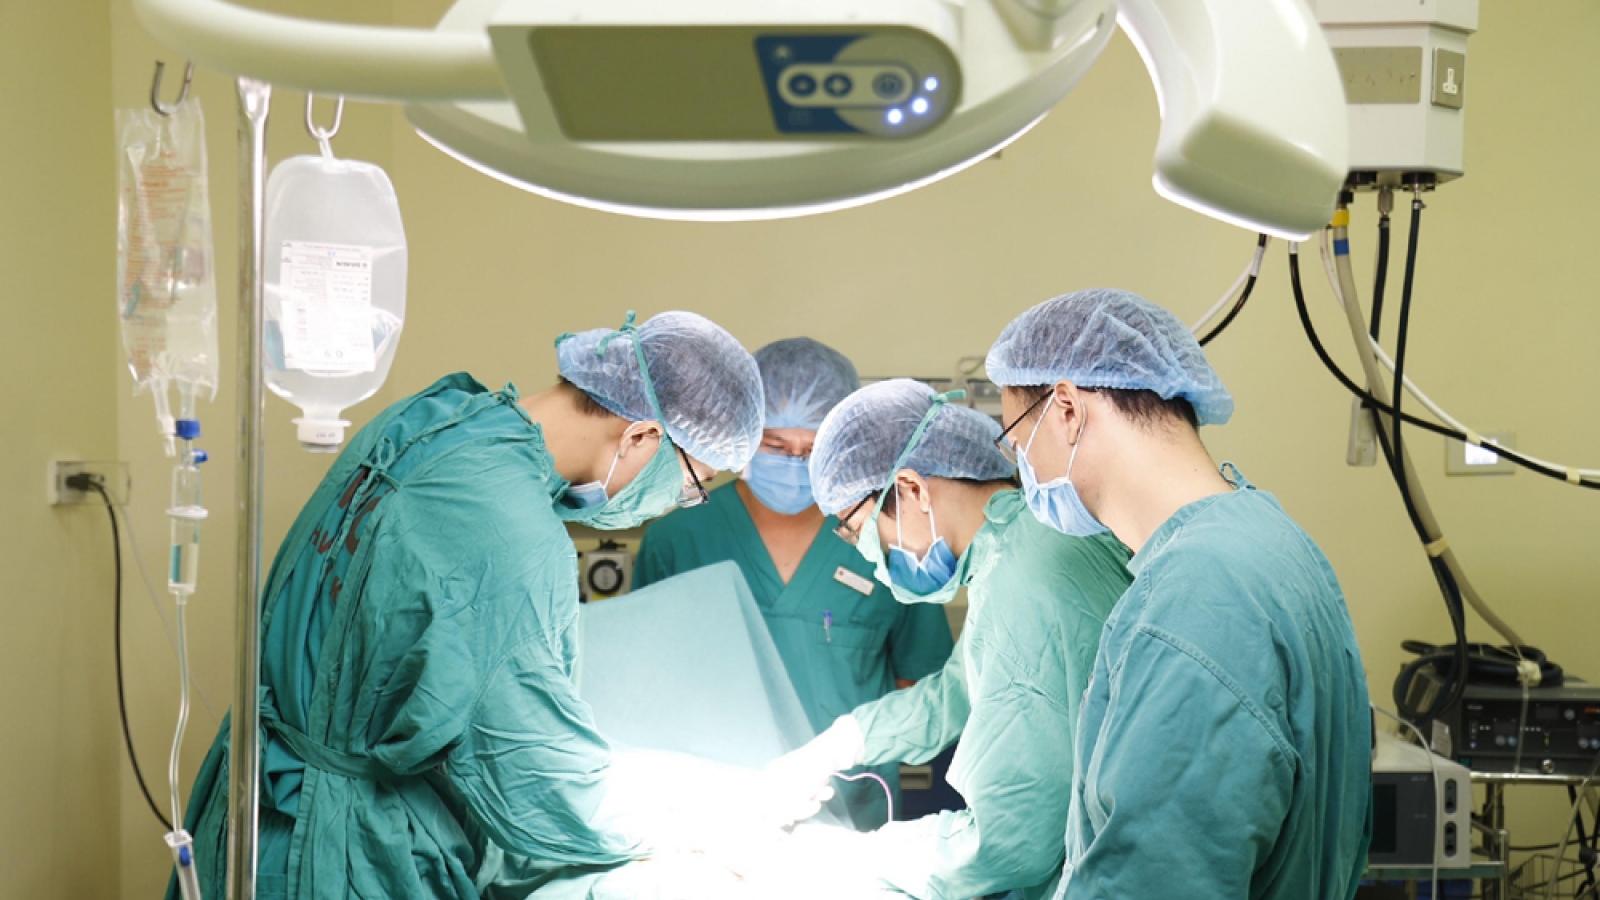 Cắt bỏ khối u 10kg đeo trên cơ thể cô gái hàng chục năm